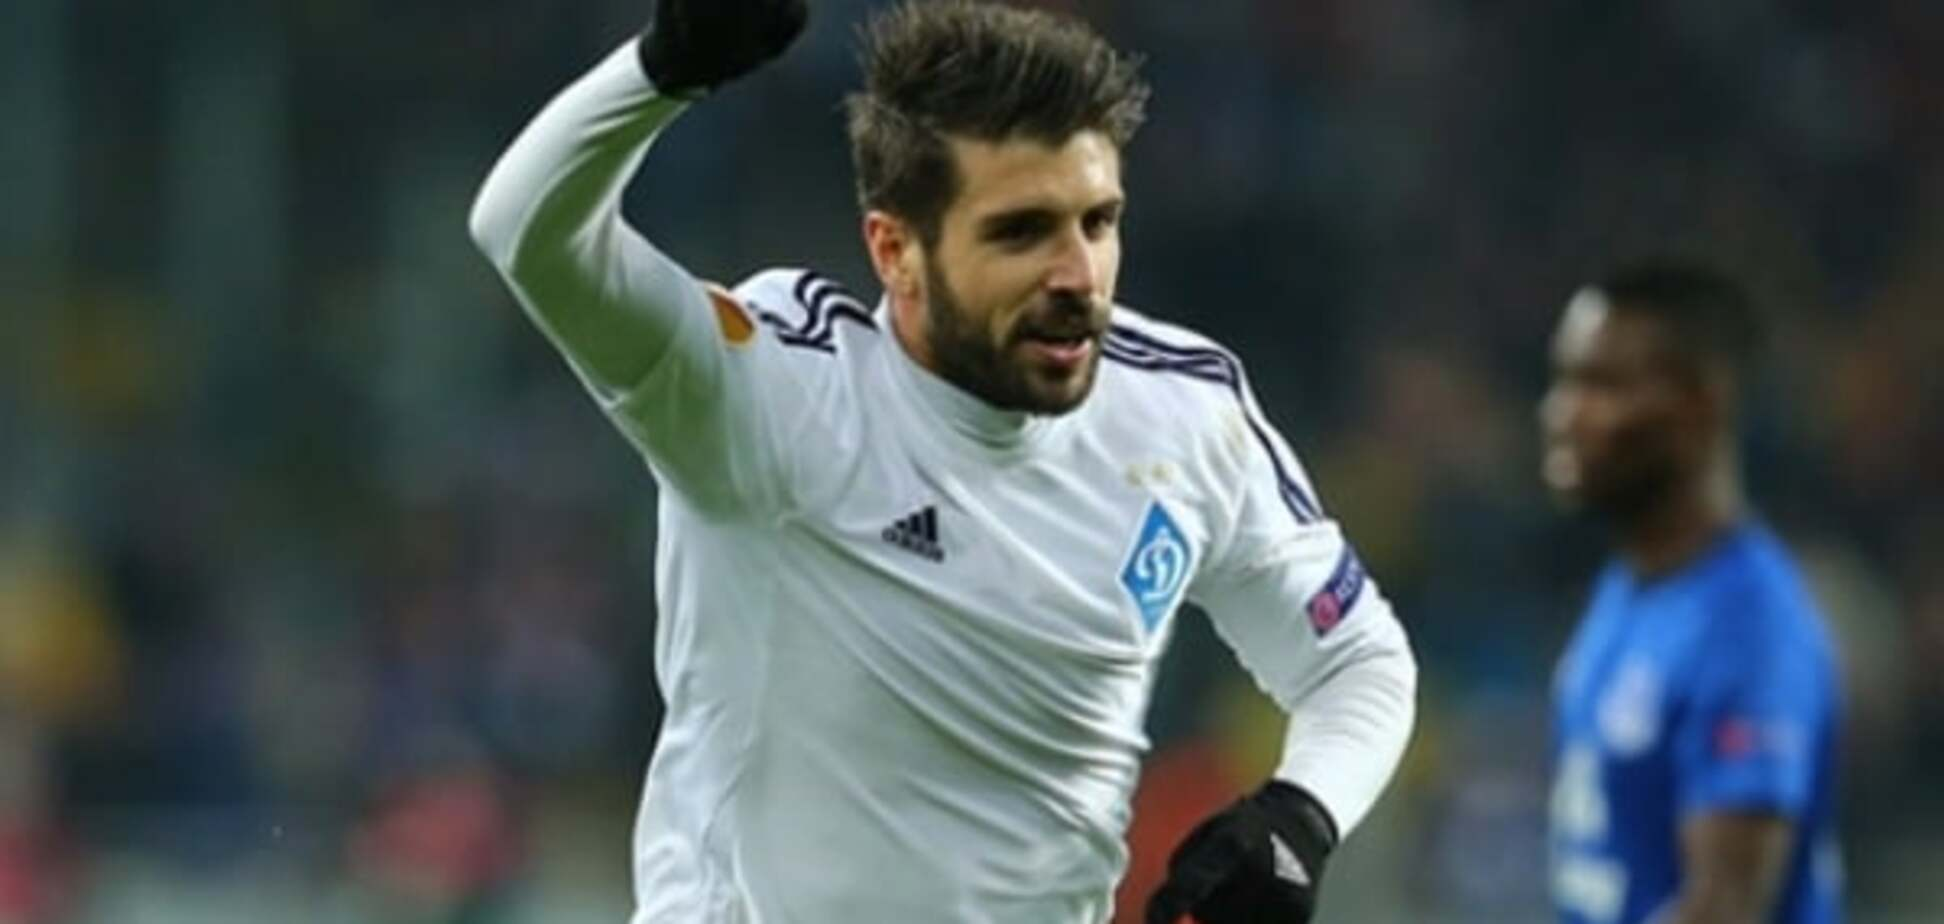 Турецкий гранд договорился о трансфере ключевого футболиста 'Динамо'